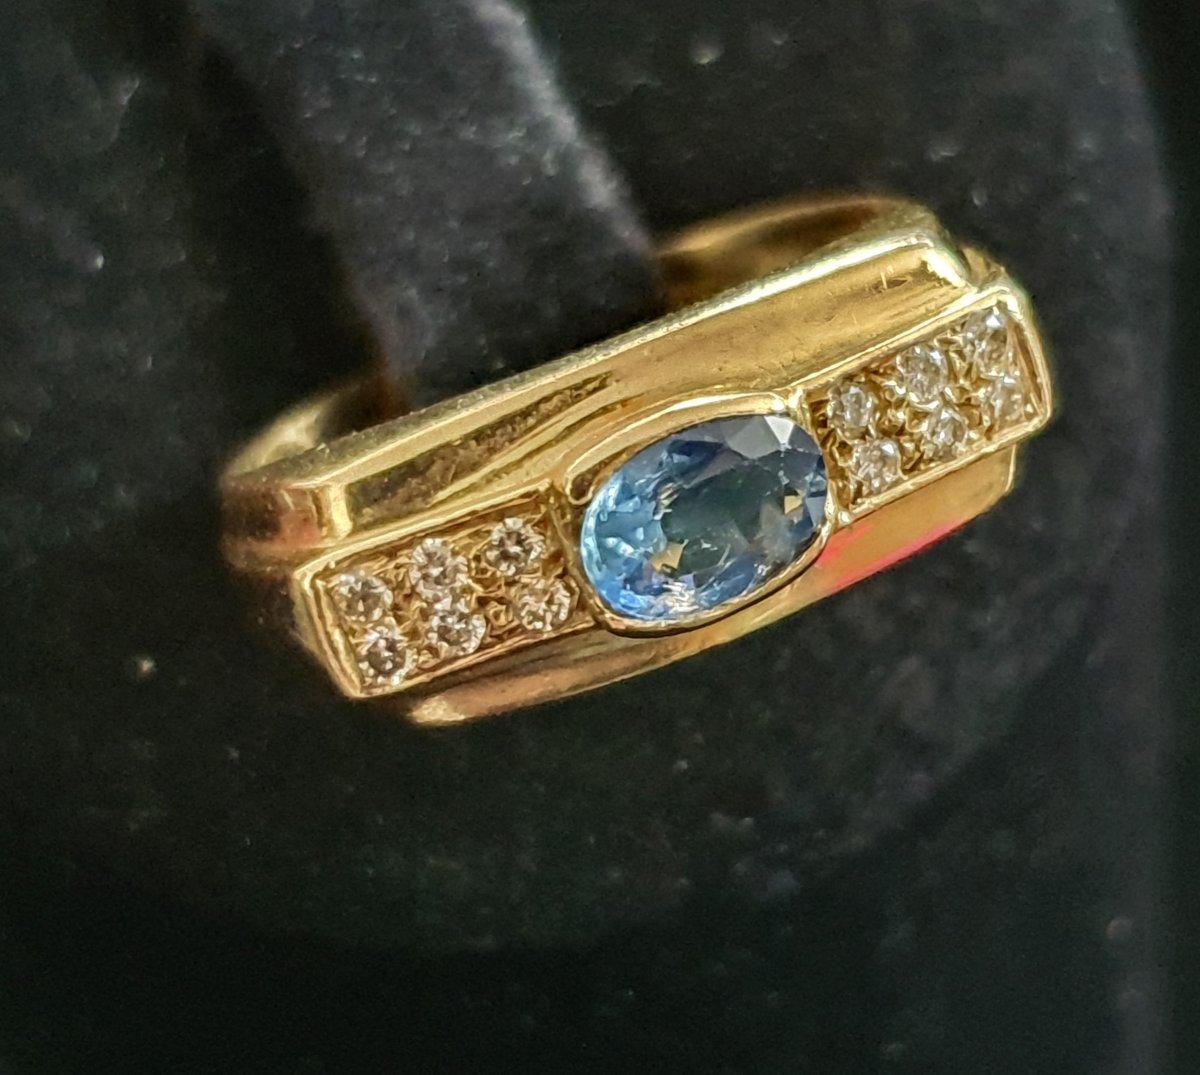 bague en or 18ct sertie d'un saphir entouré de 2 diamants taille baguette